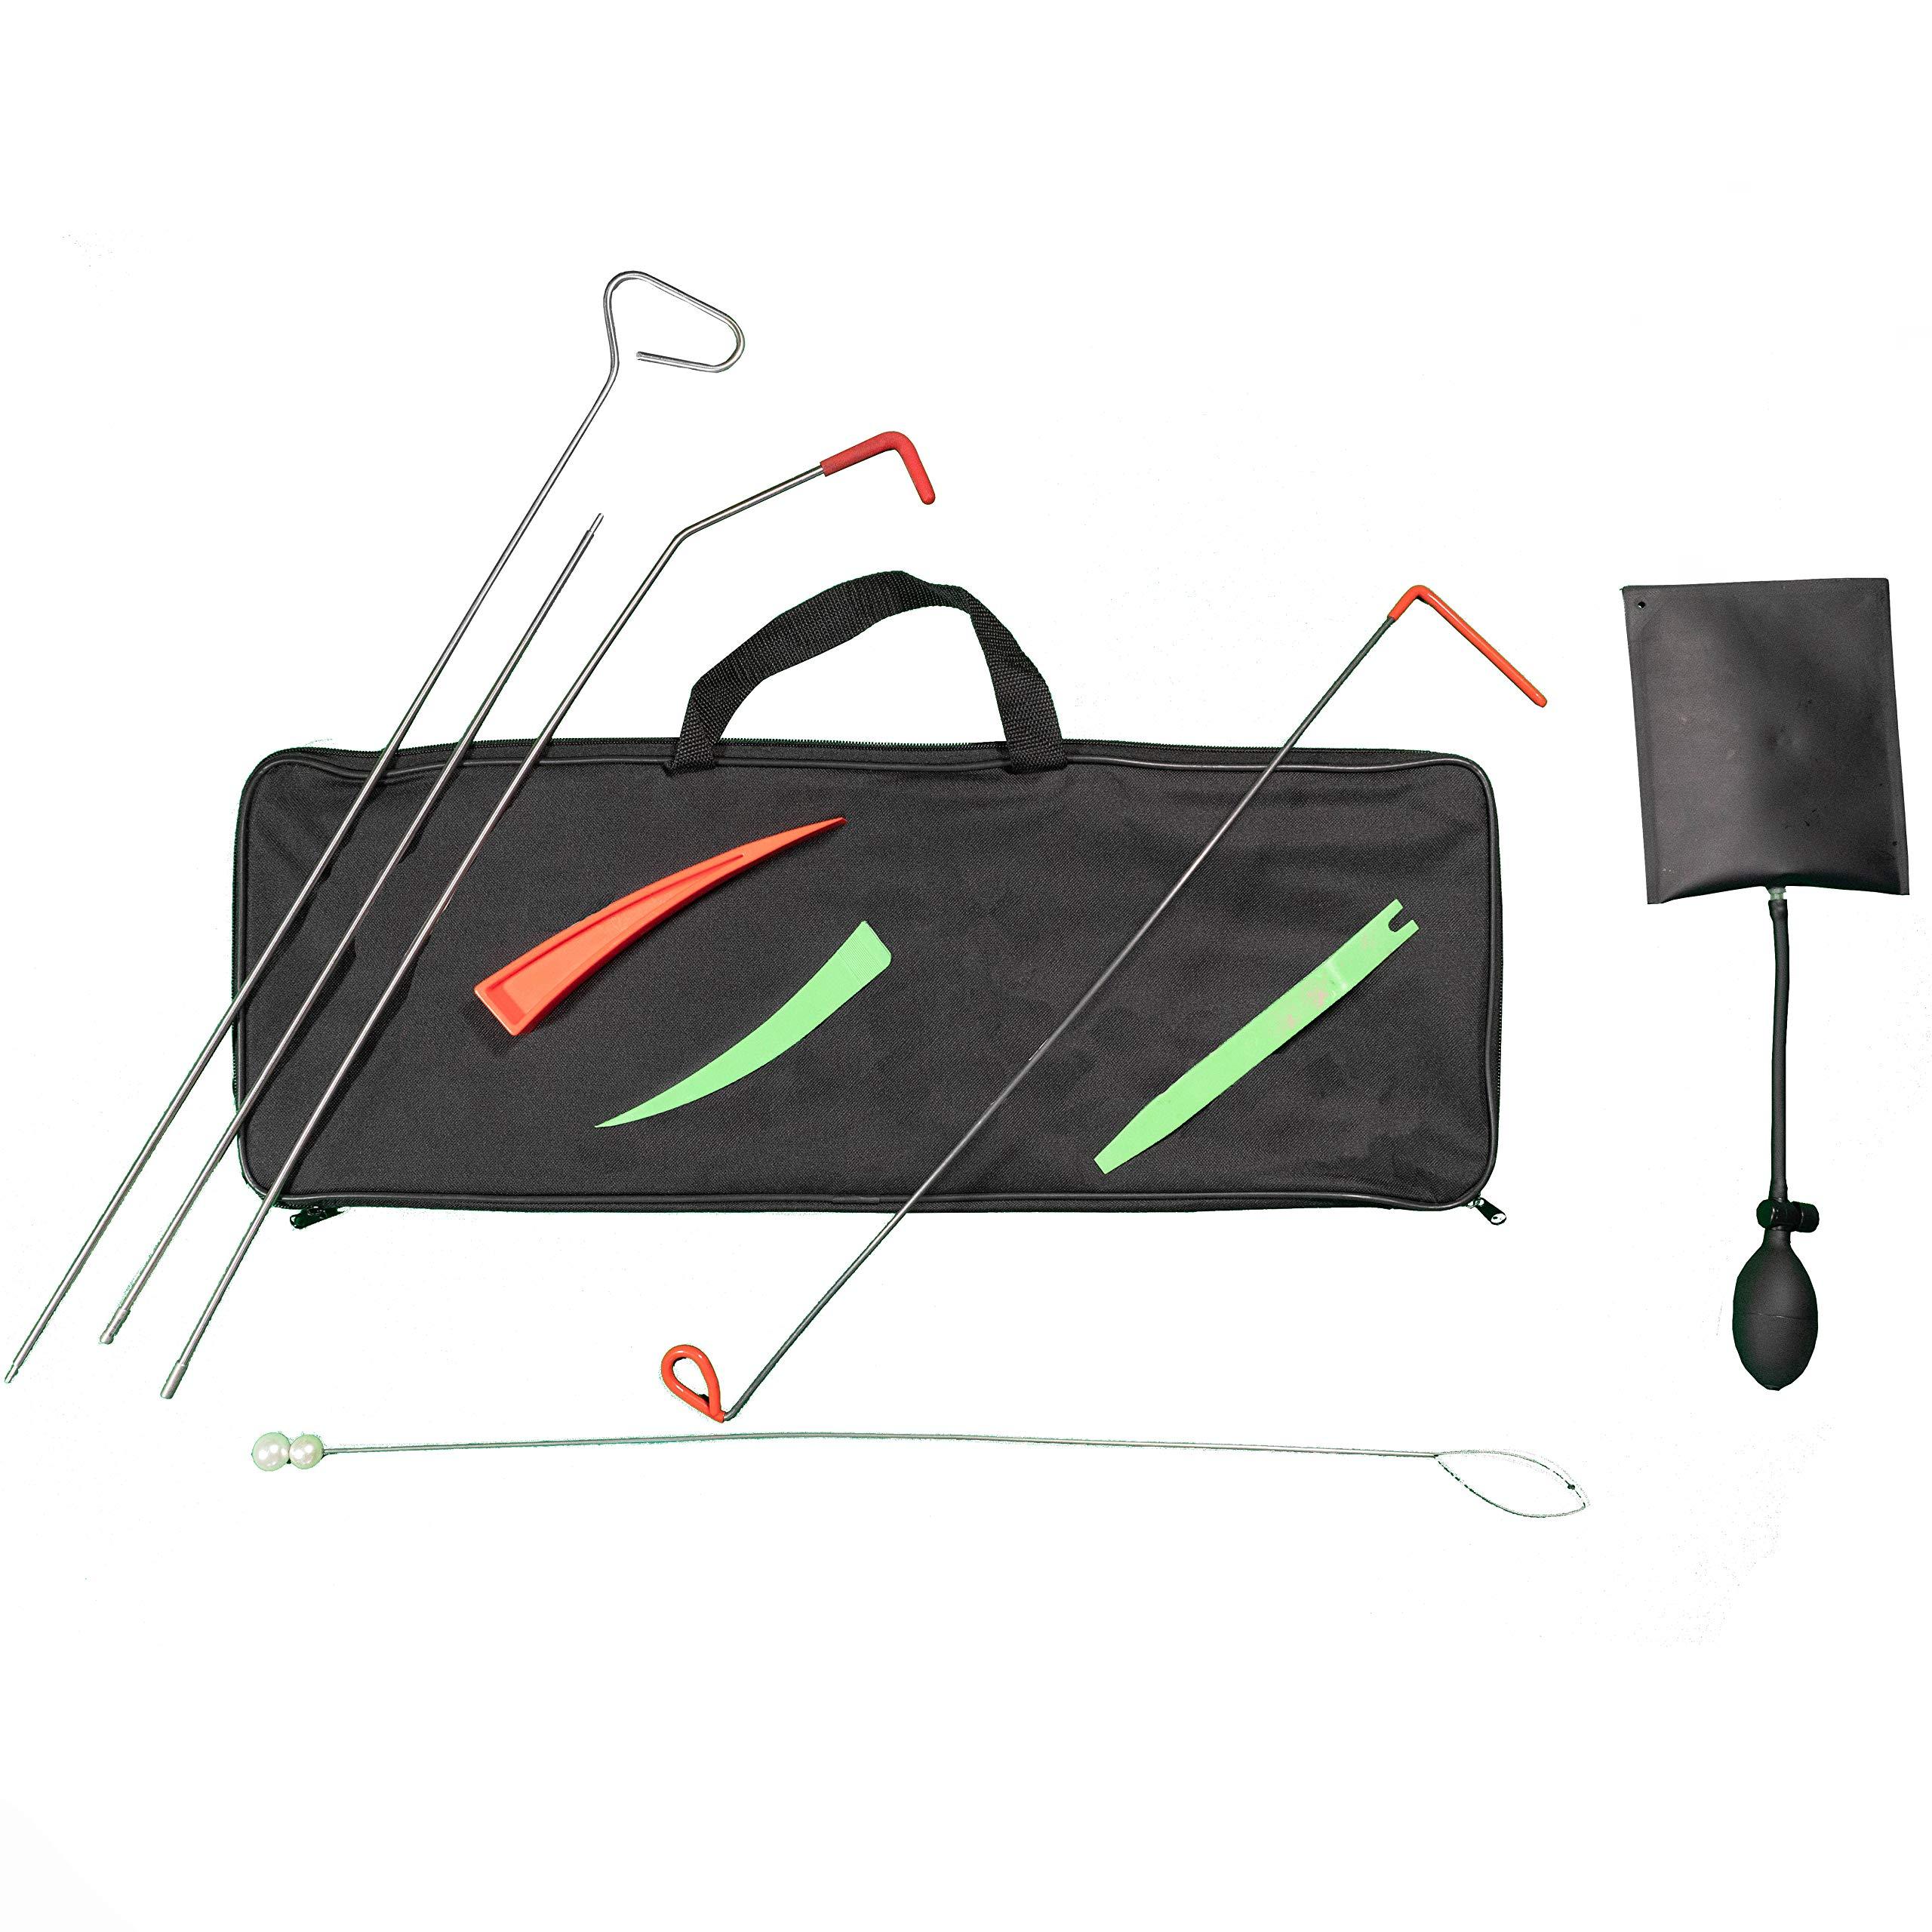 TSafe Full Professional Kit- Long Reach Grabber, Air Wedge, Knob Grabber, 2 Non Marring Wedges, Pry Tool, Short Grabber, Carrying Case by TSafe